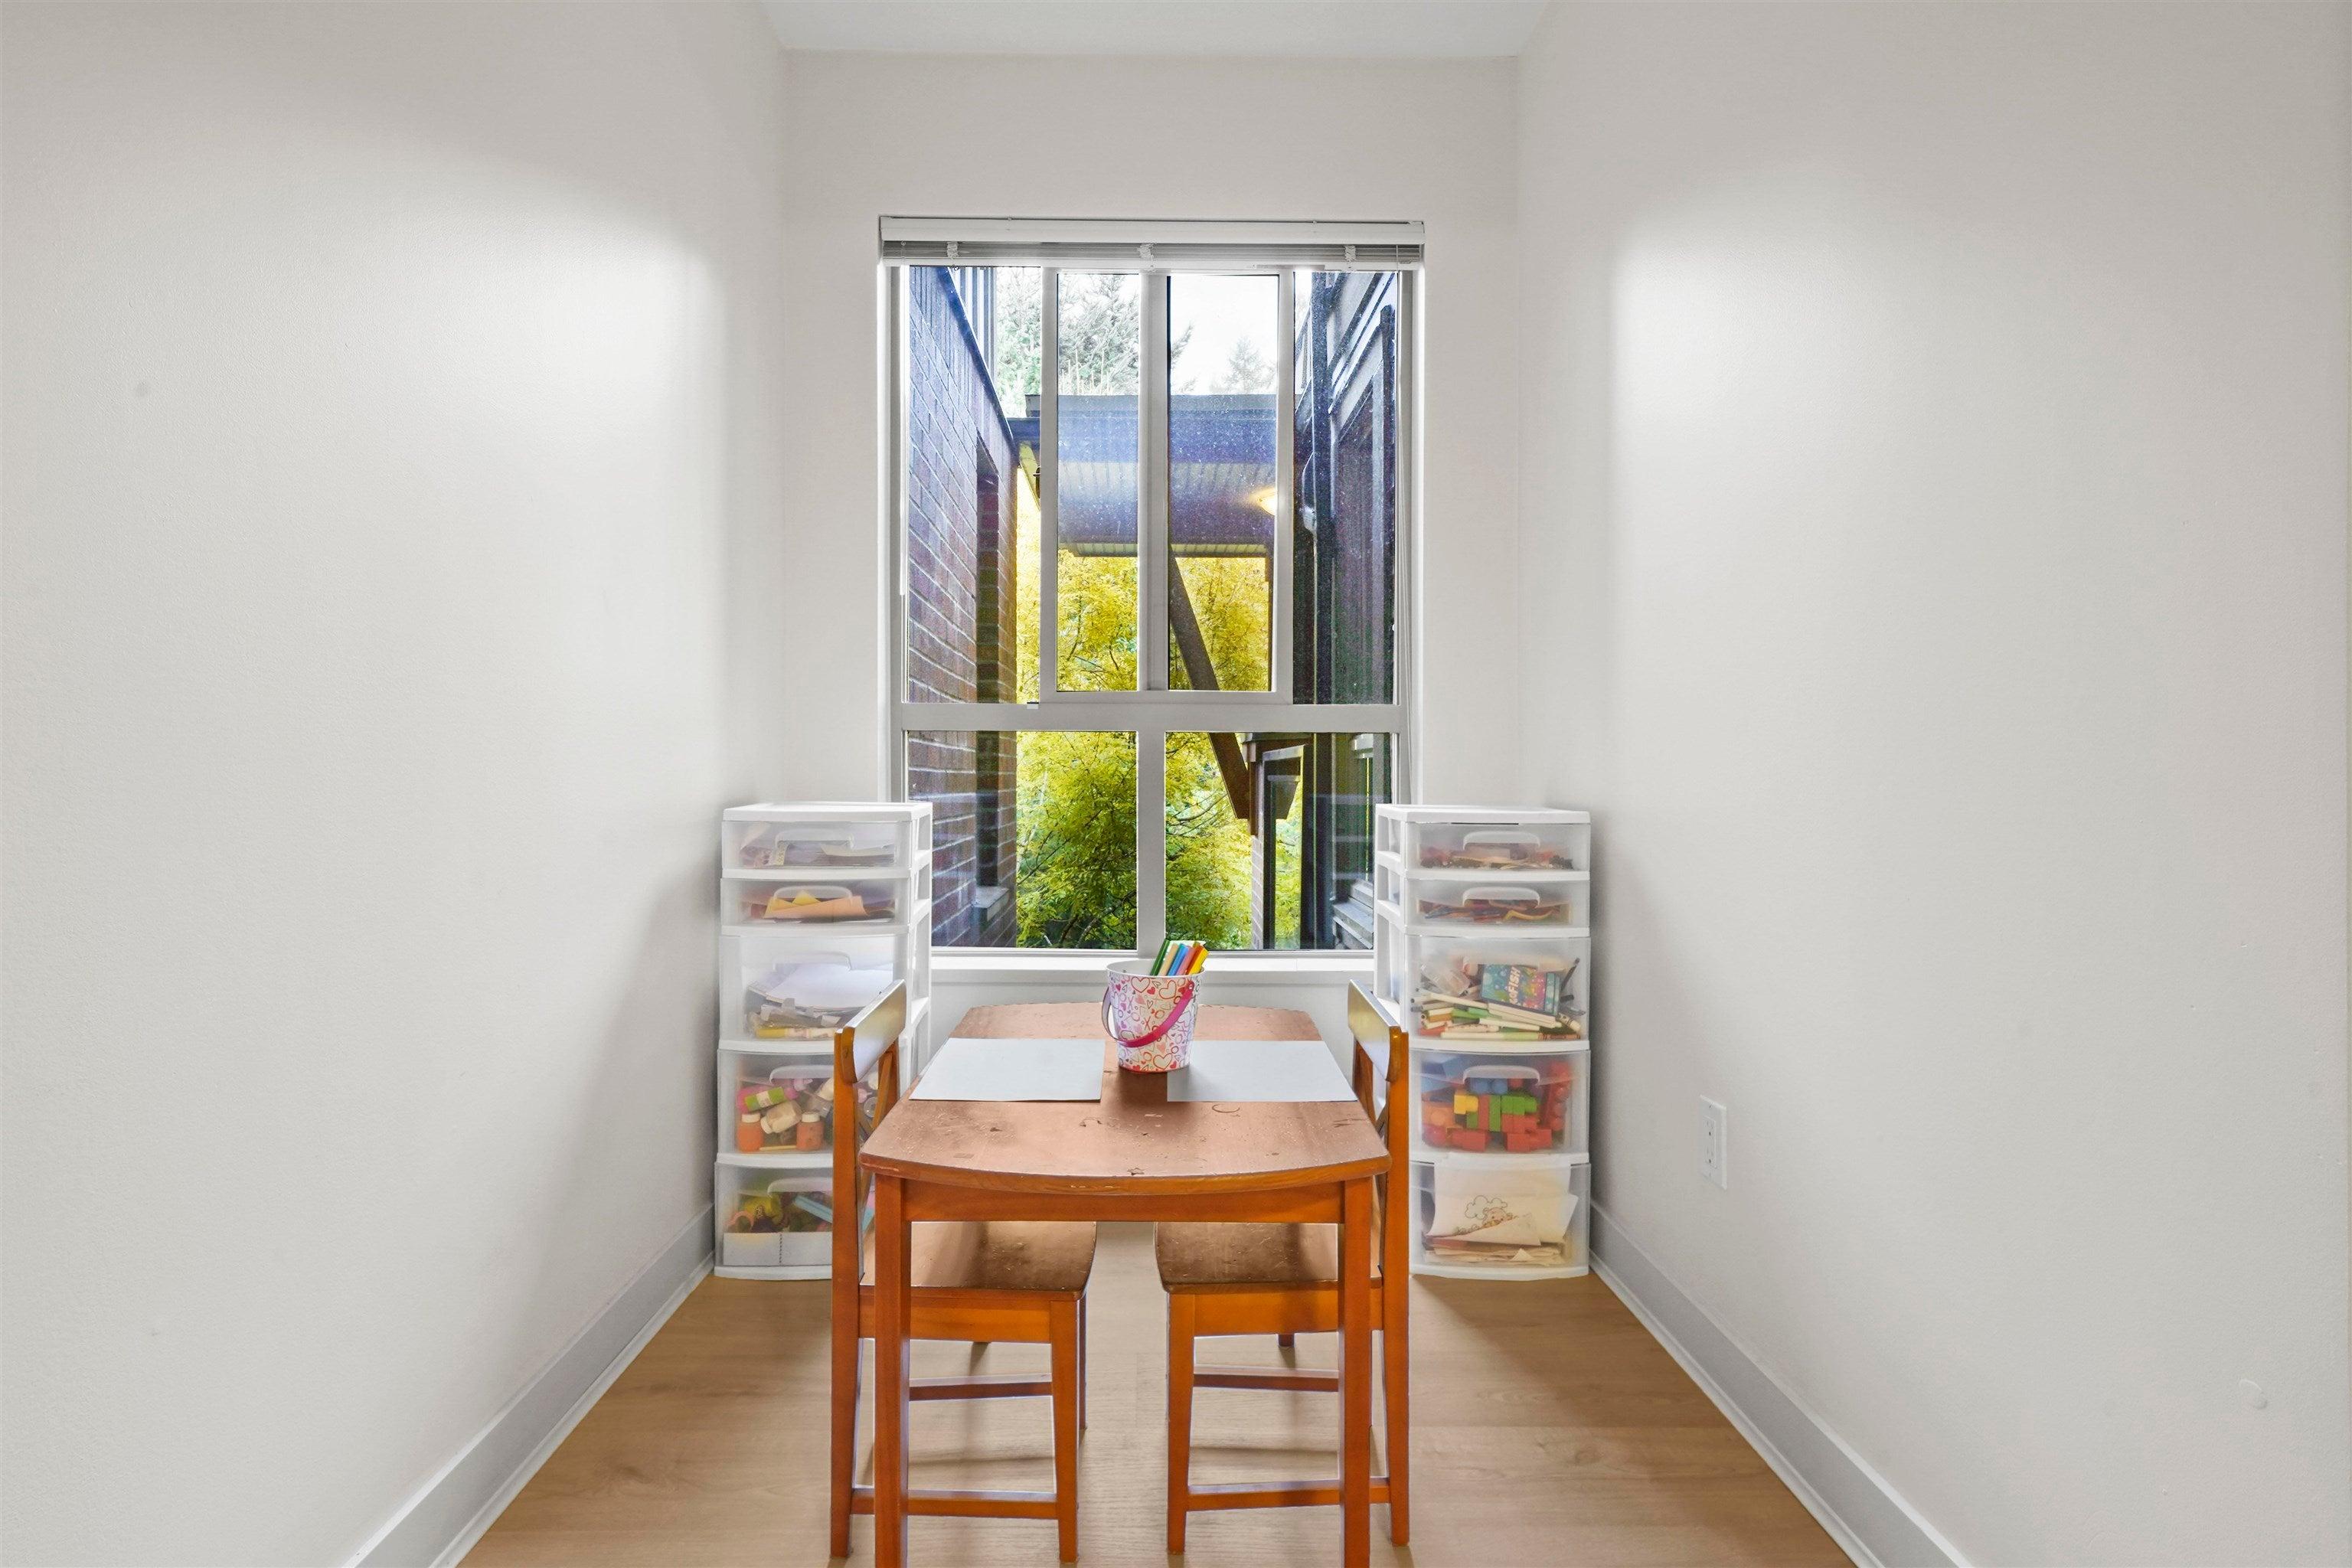 319 1633 MACKAY AVENUE - Pemberton NV Apartment/Condo for sale, 2 Bedrooms (R2624916) - #23